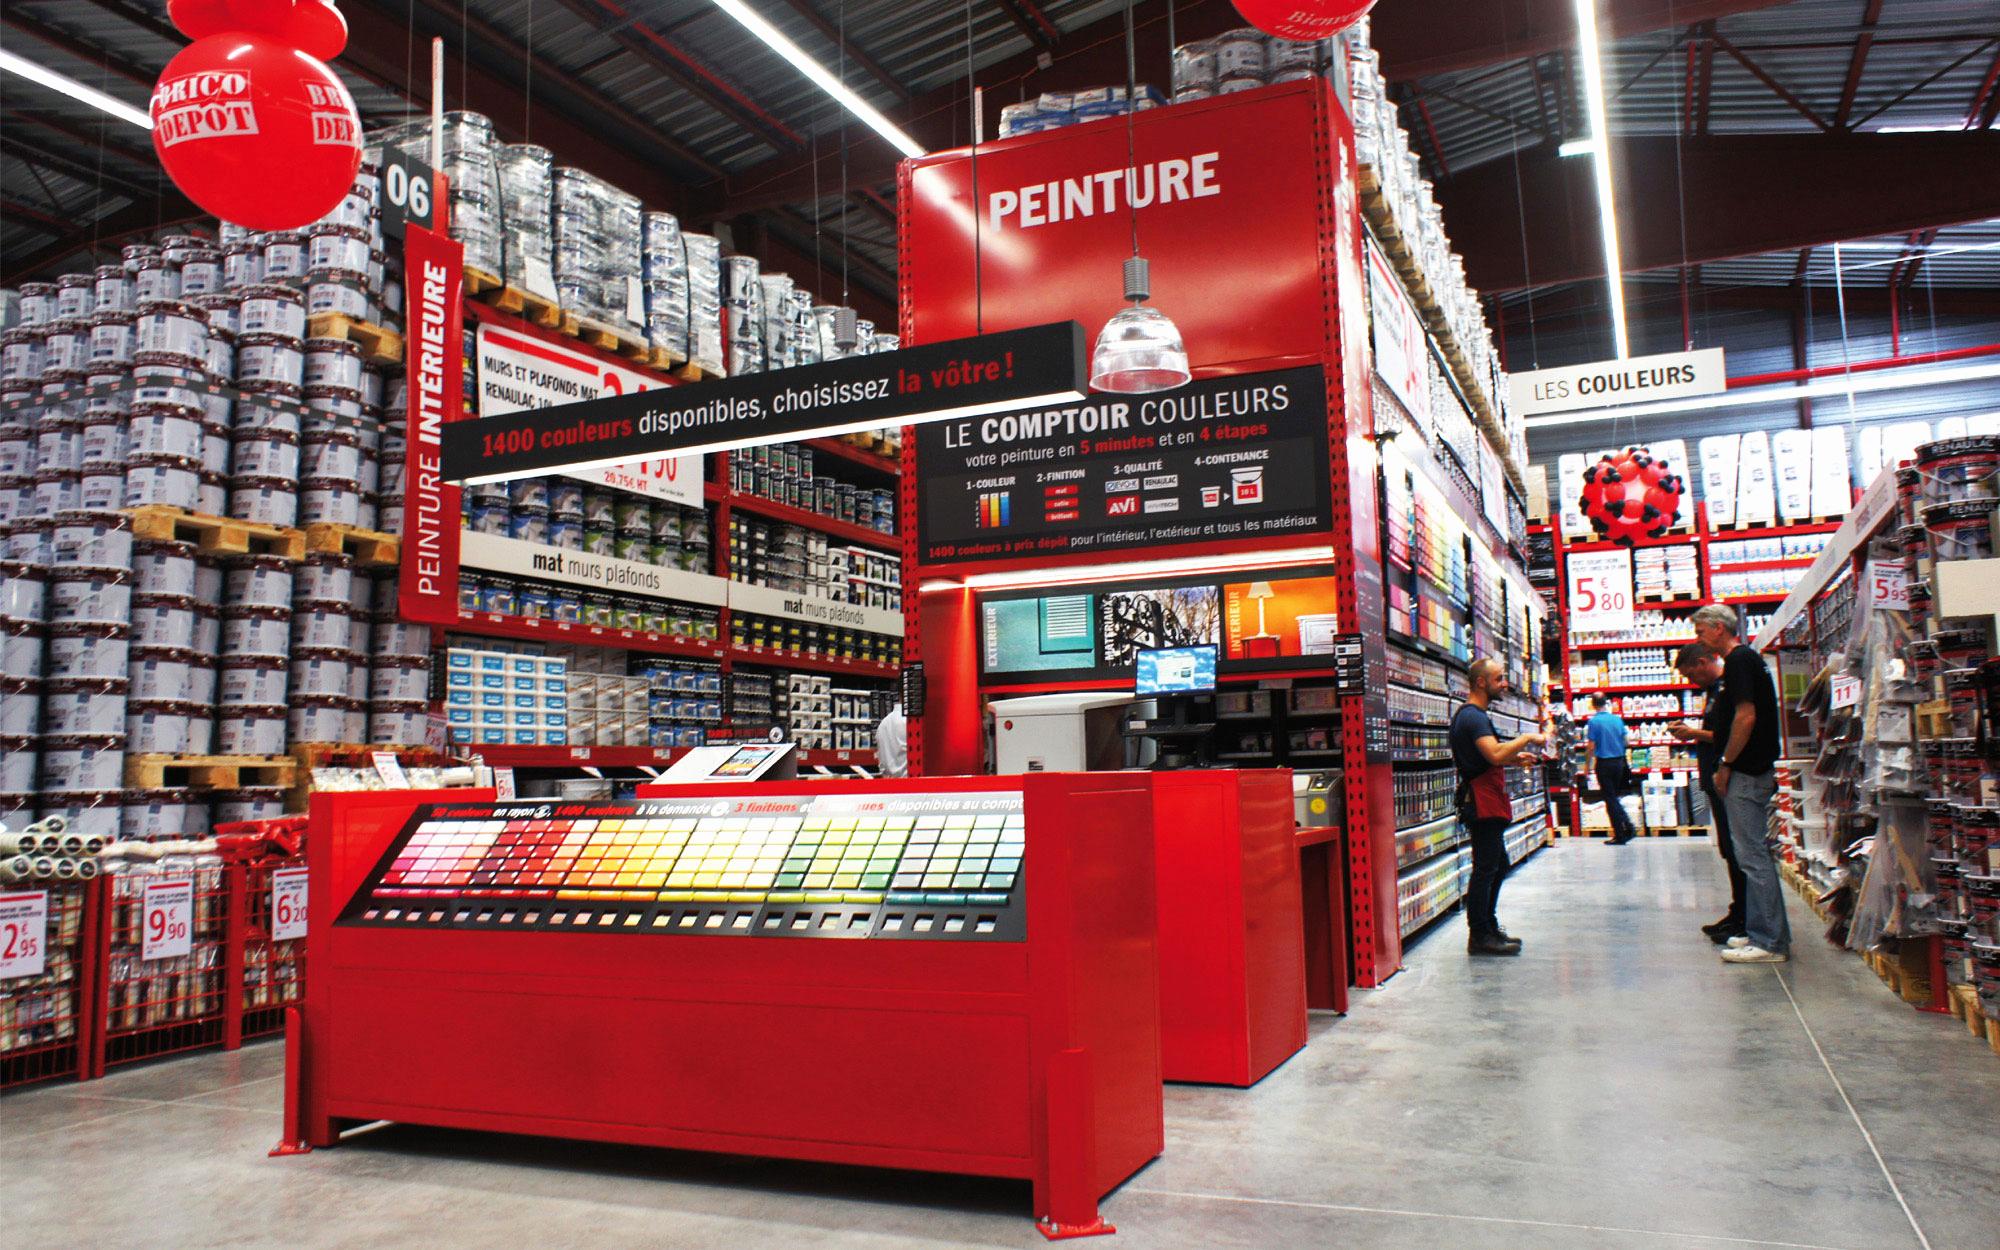 Peinture Bricot Depot Meilleur De Collection Brico Depot Peinture Facade Inspirant Brico Depot Abri De Jardin